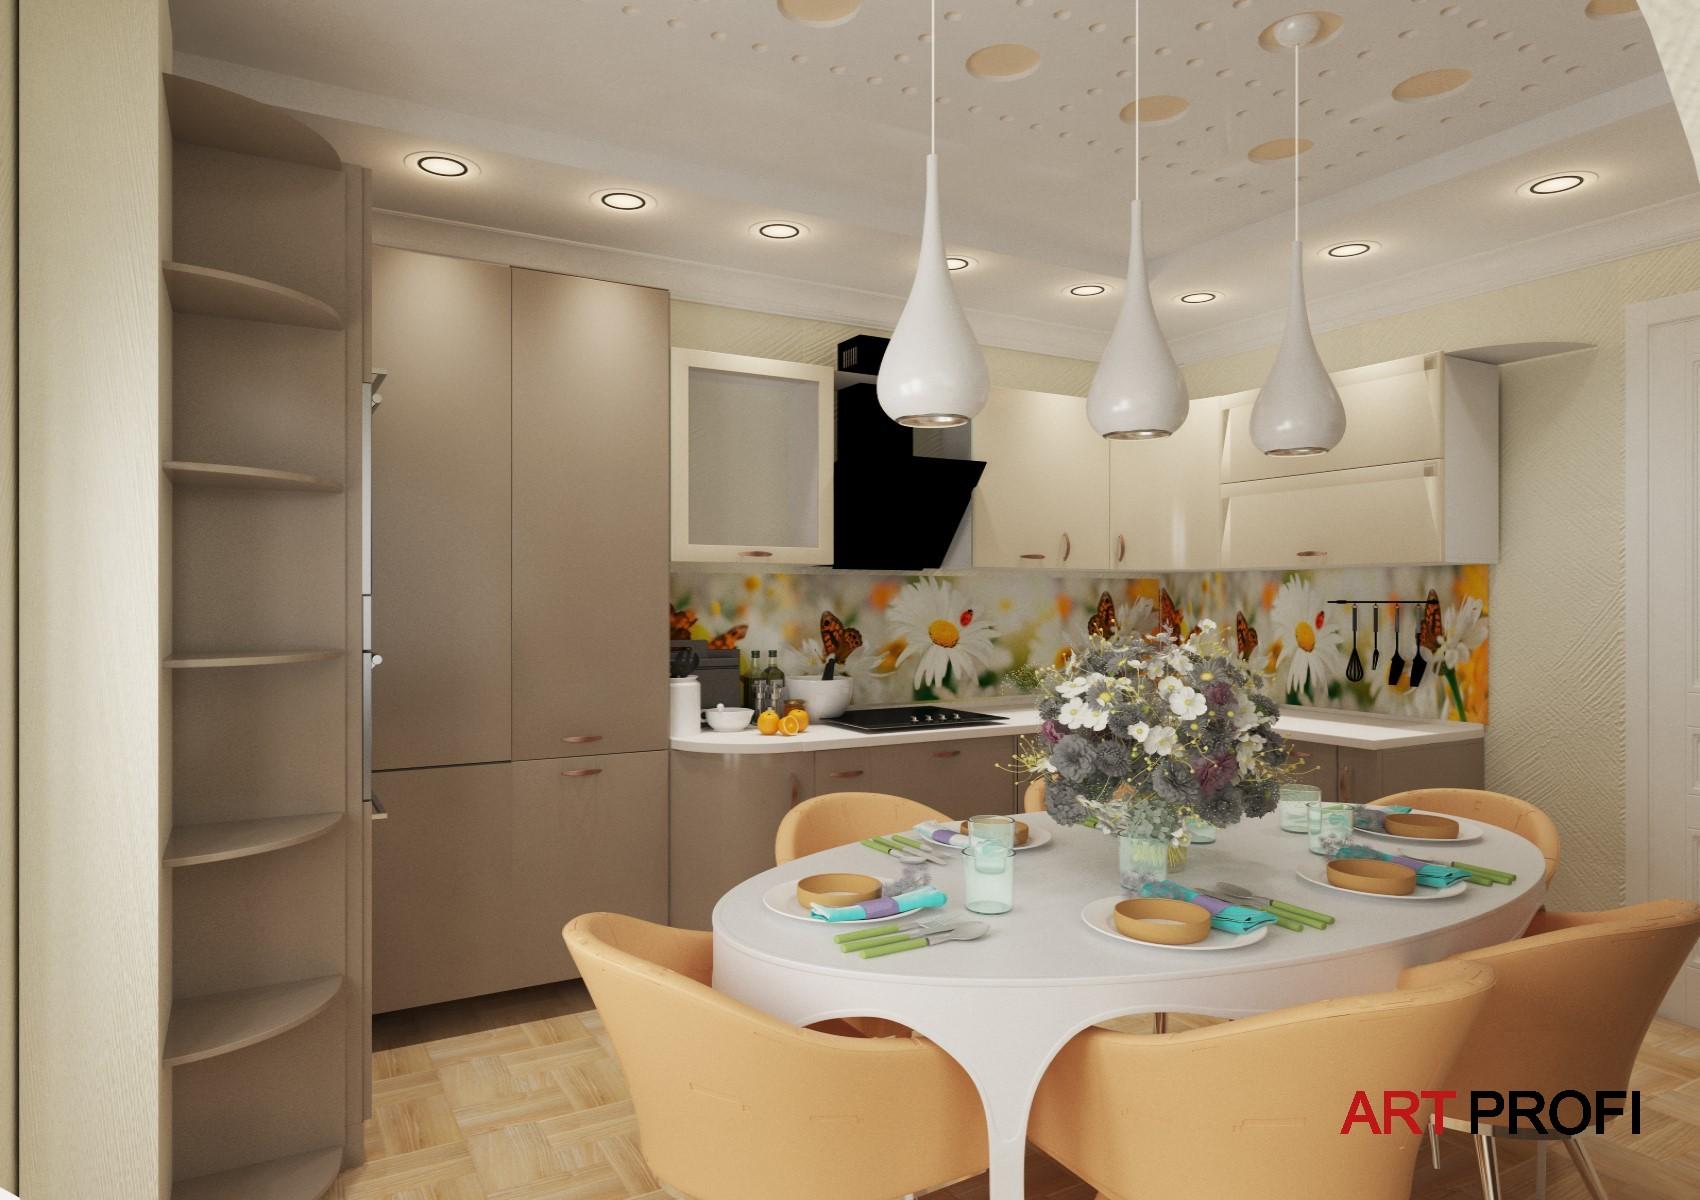 Ремонт квартир. Картинка будующей кухни.